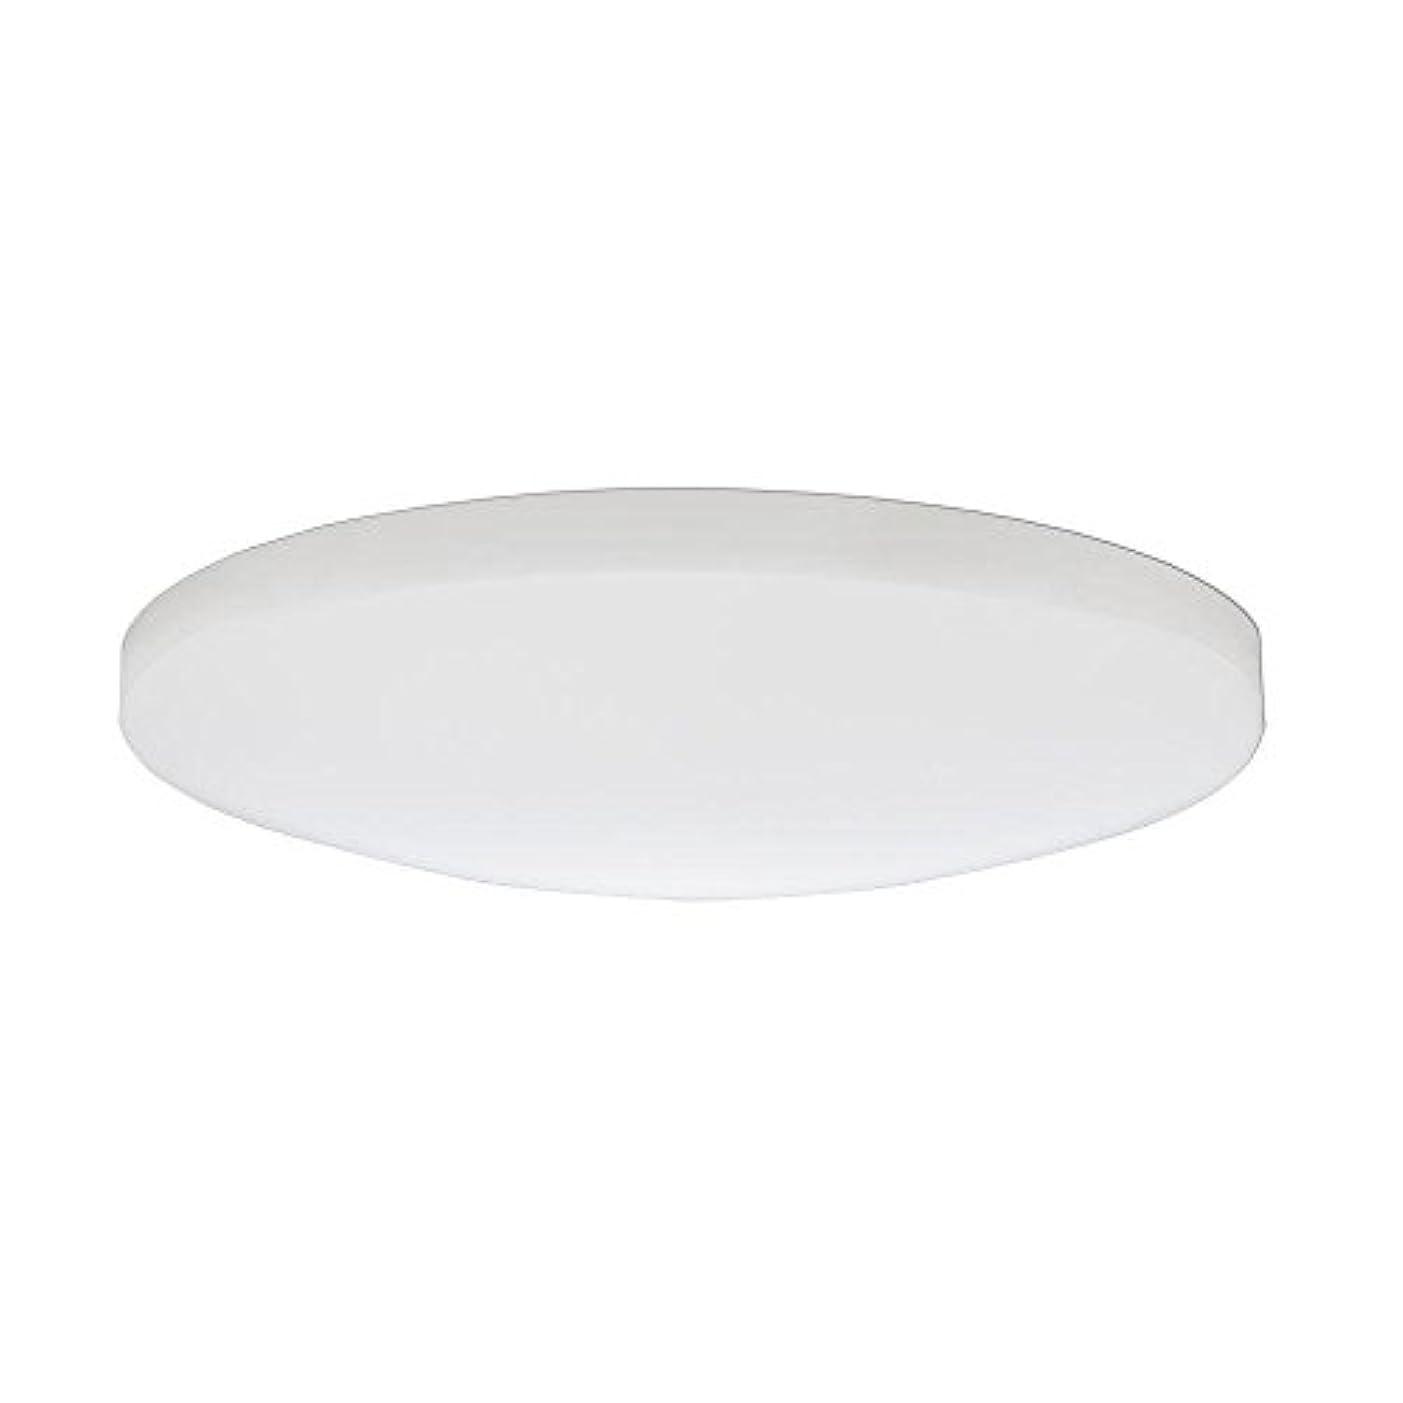 パワーセル東いらいらさせるLithonia Lighting DSATL 13 M4 Replacement Glass Diffuser, 13', White [並行輸入品]